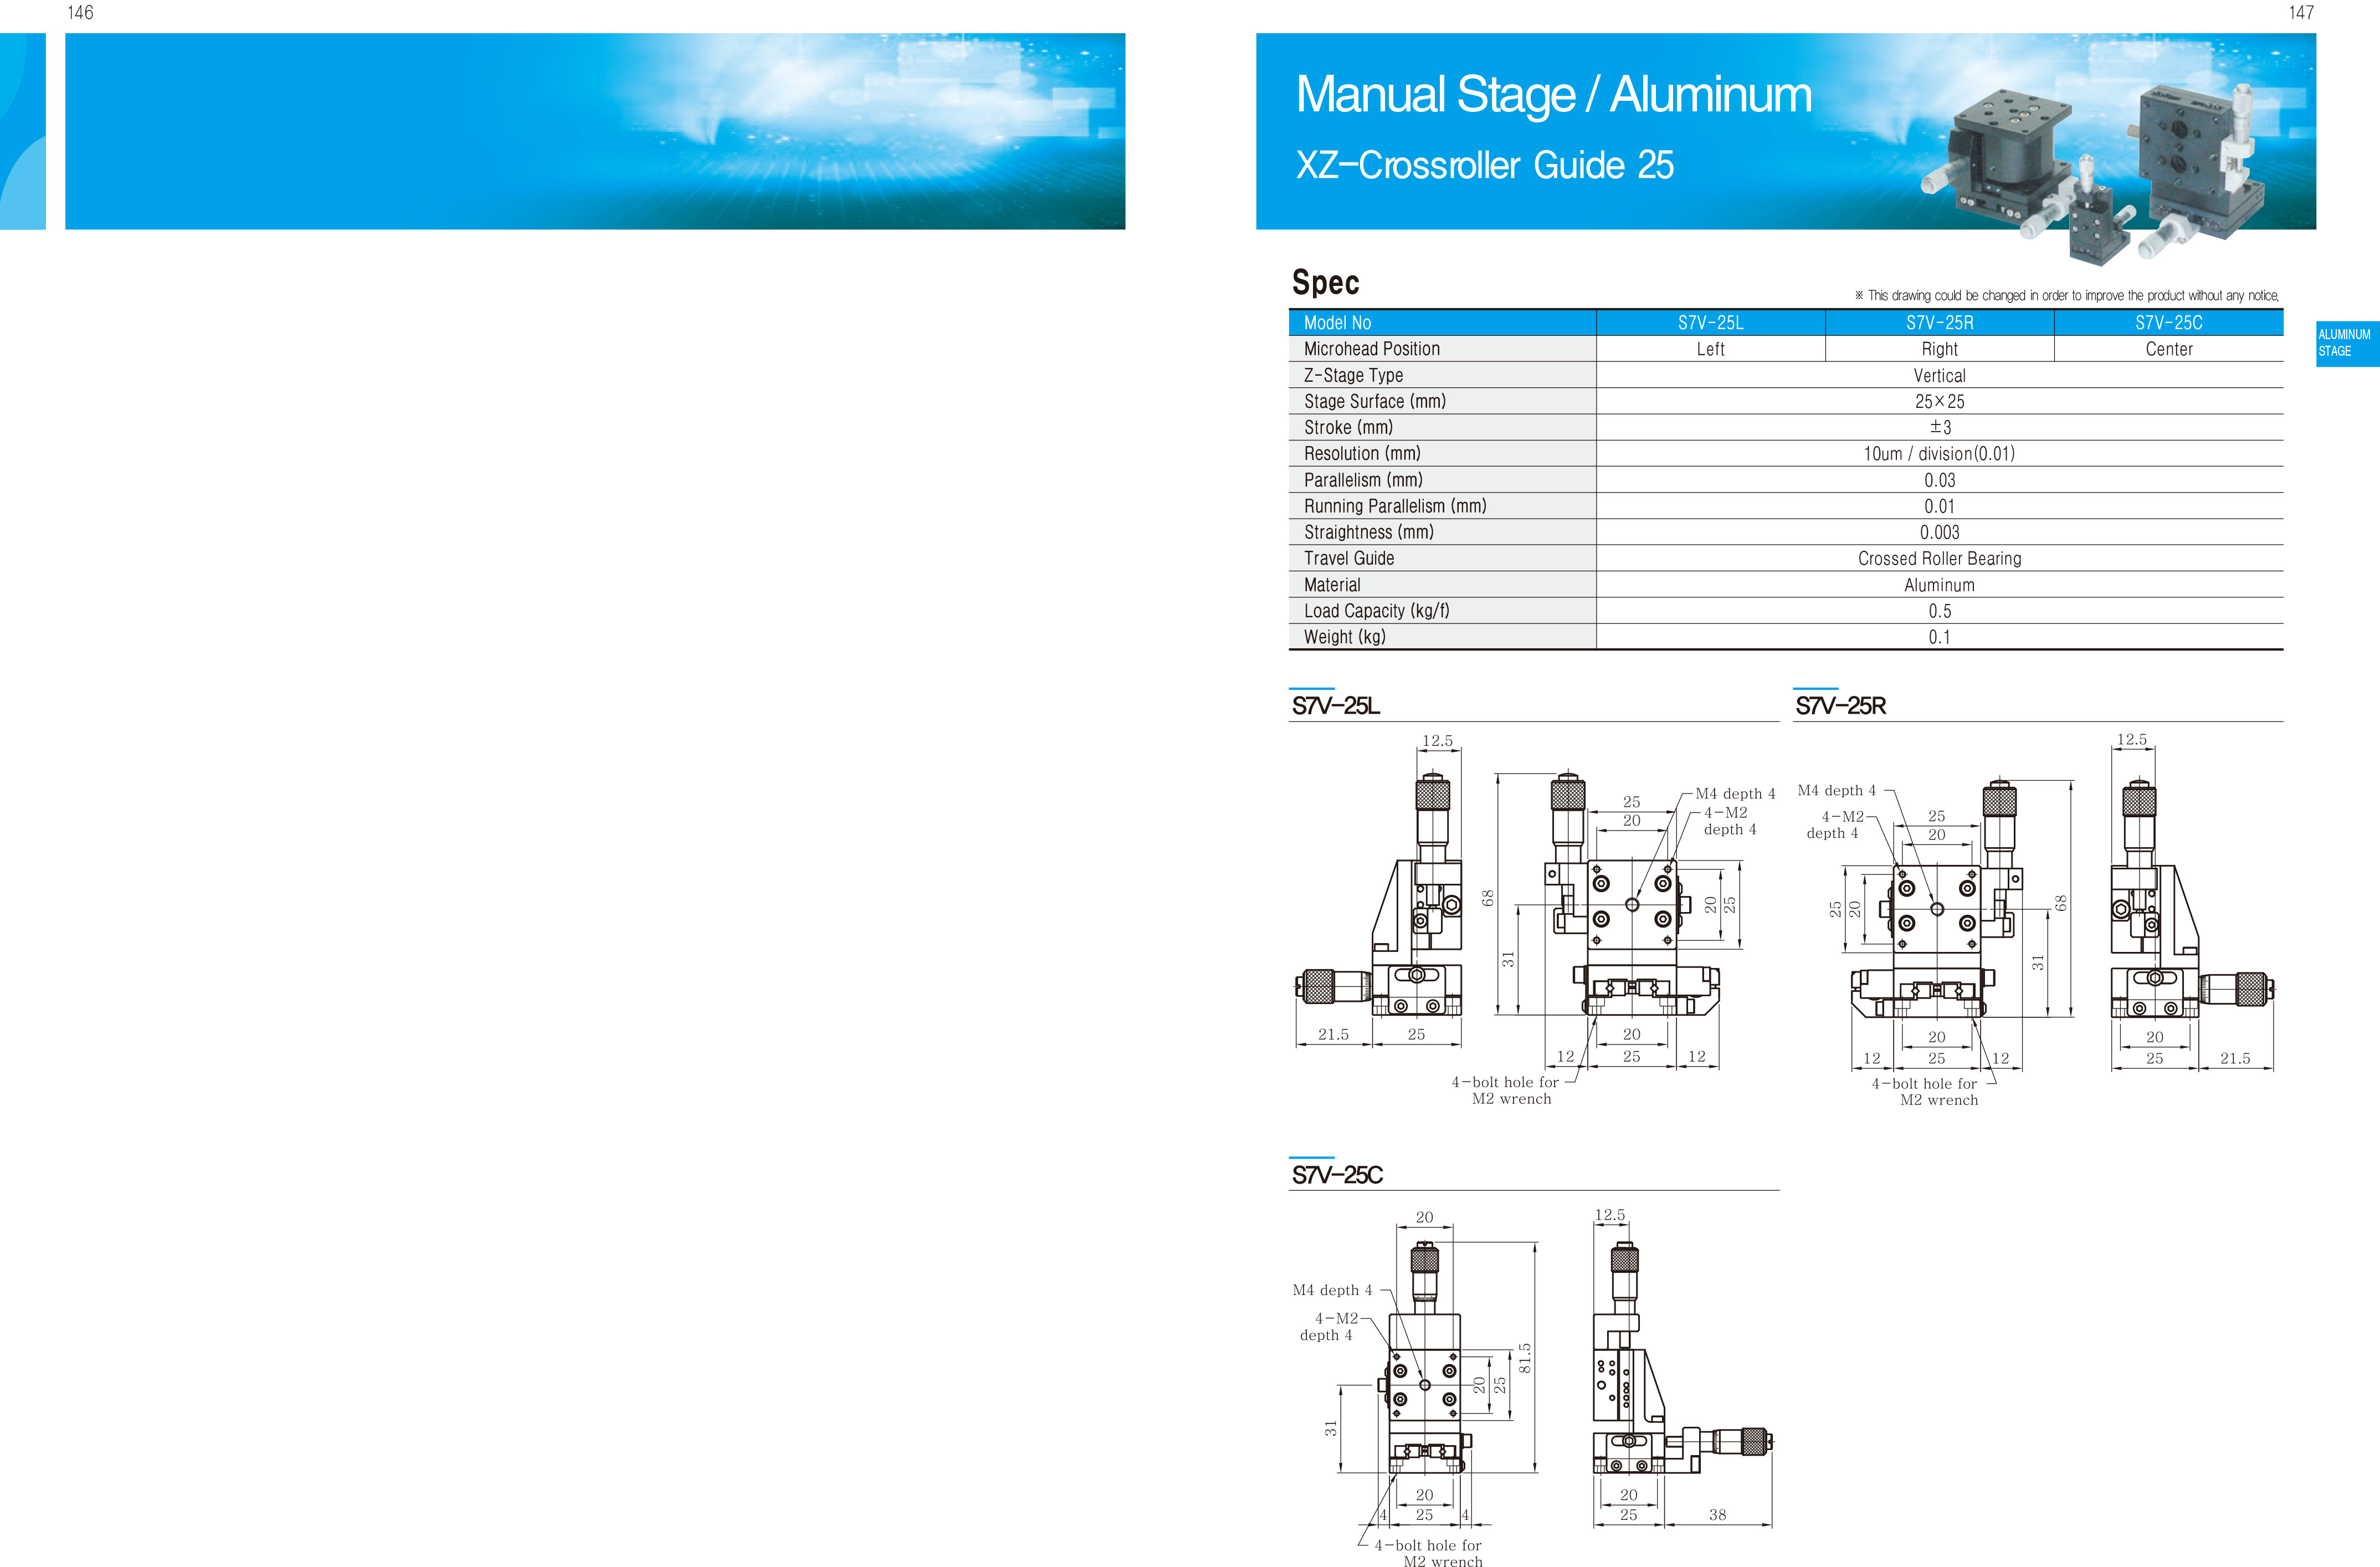 DPIN-Aluminum-精密滑台-29